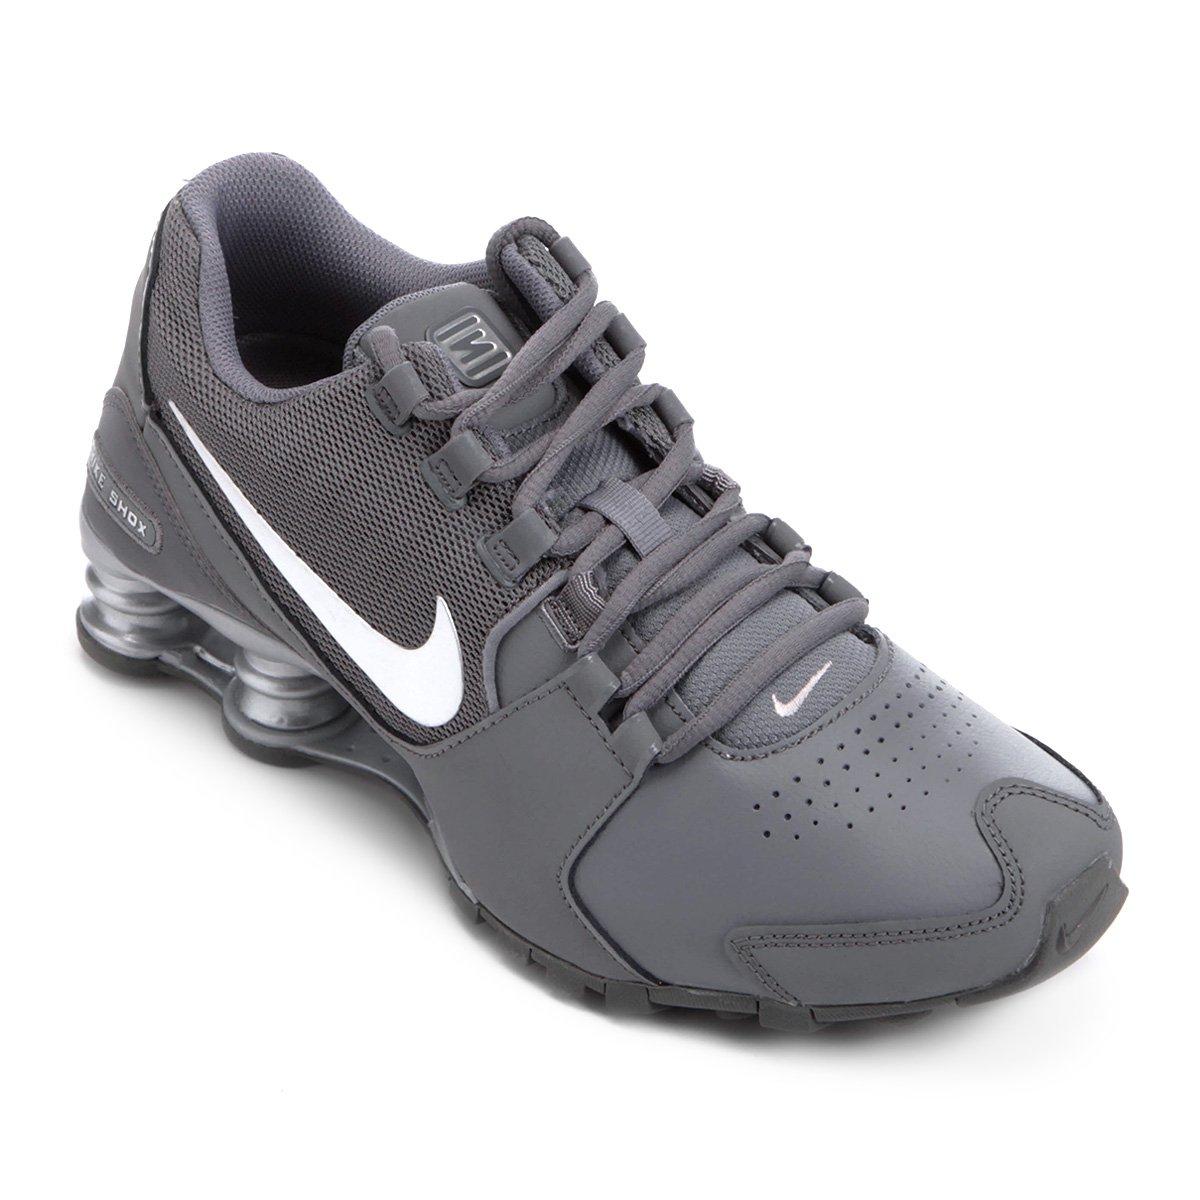 ee1e38c7af Tênis Couro Nike Shox Avenue LTR Masculino - Compre Agora